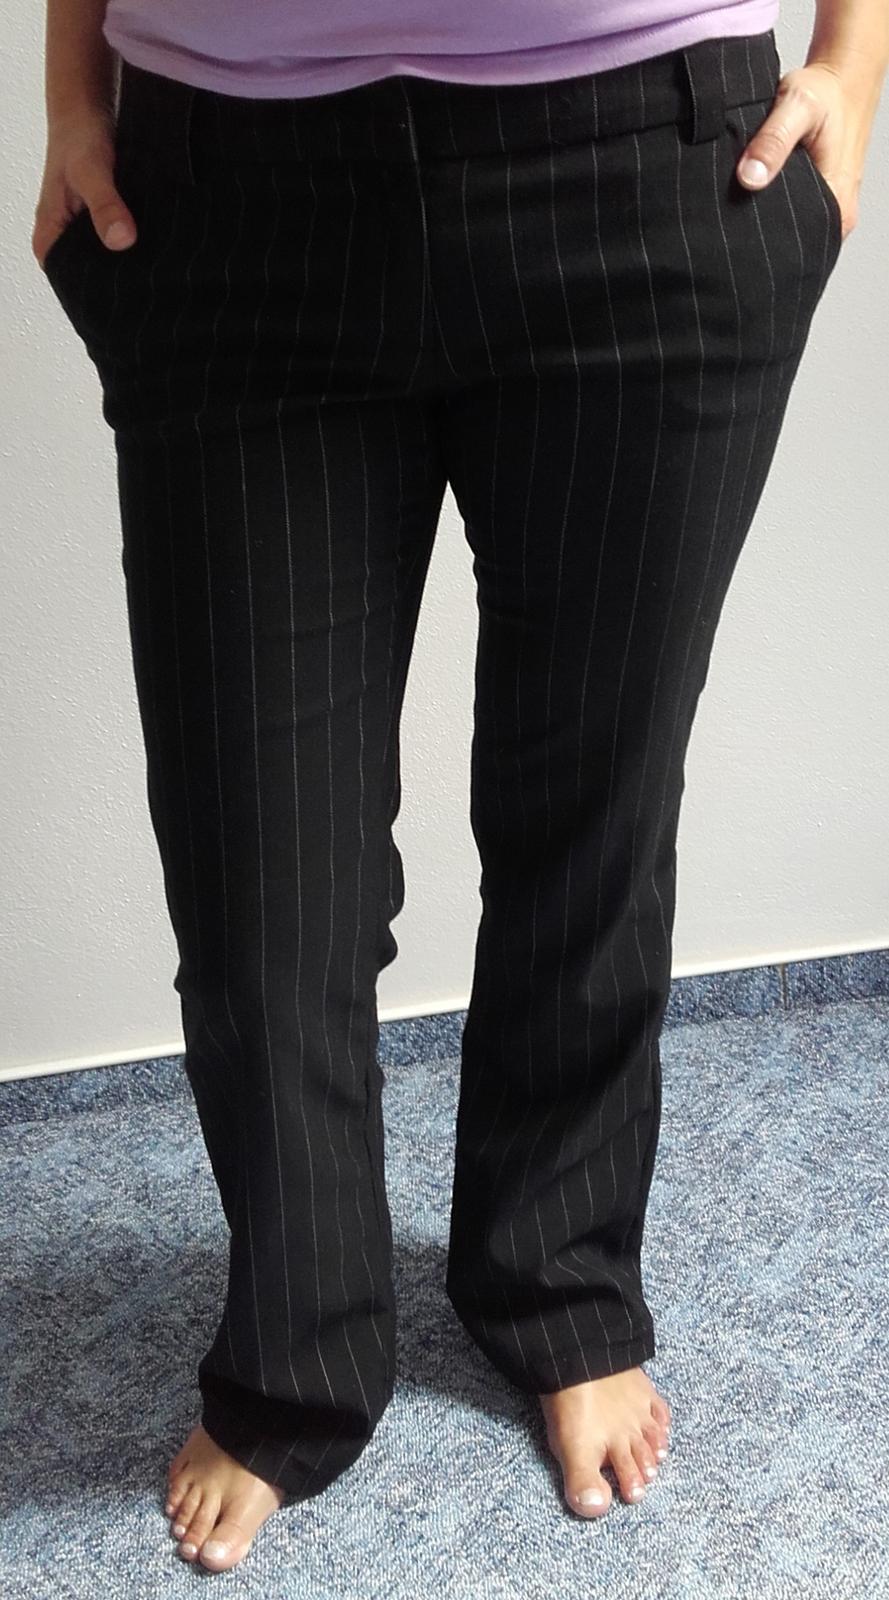 Kalhoty proužkaté - Obrázek č. 1